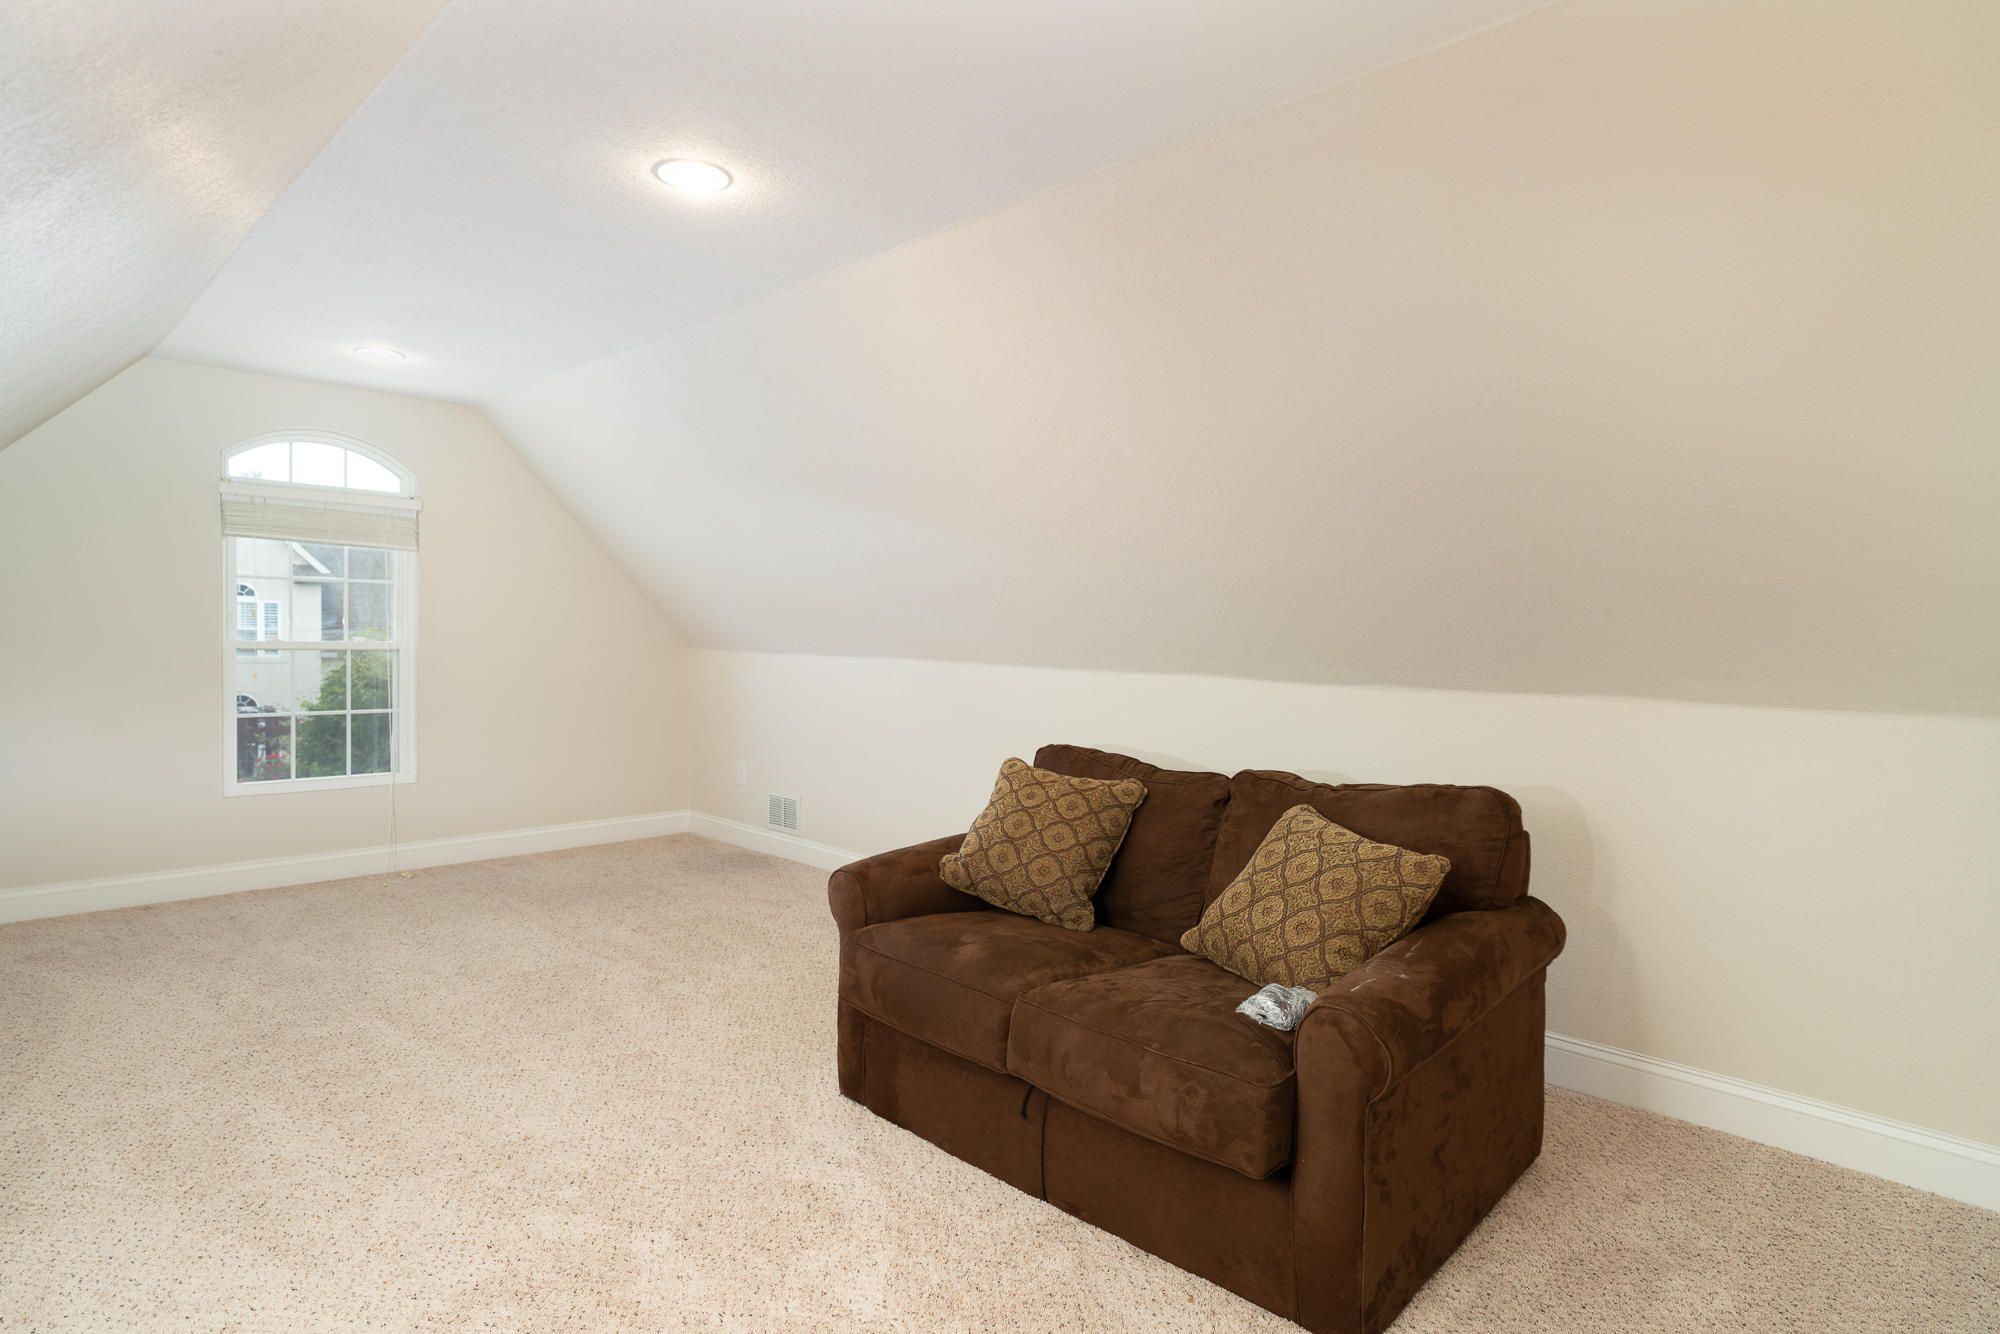 Second Floor Area & Large Closet